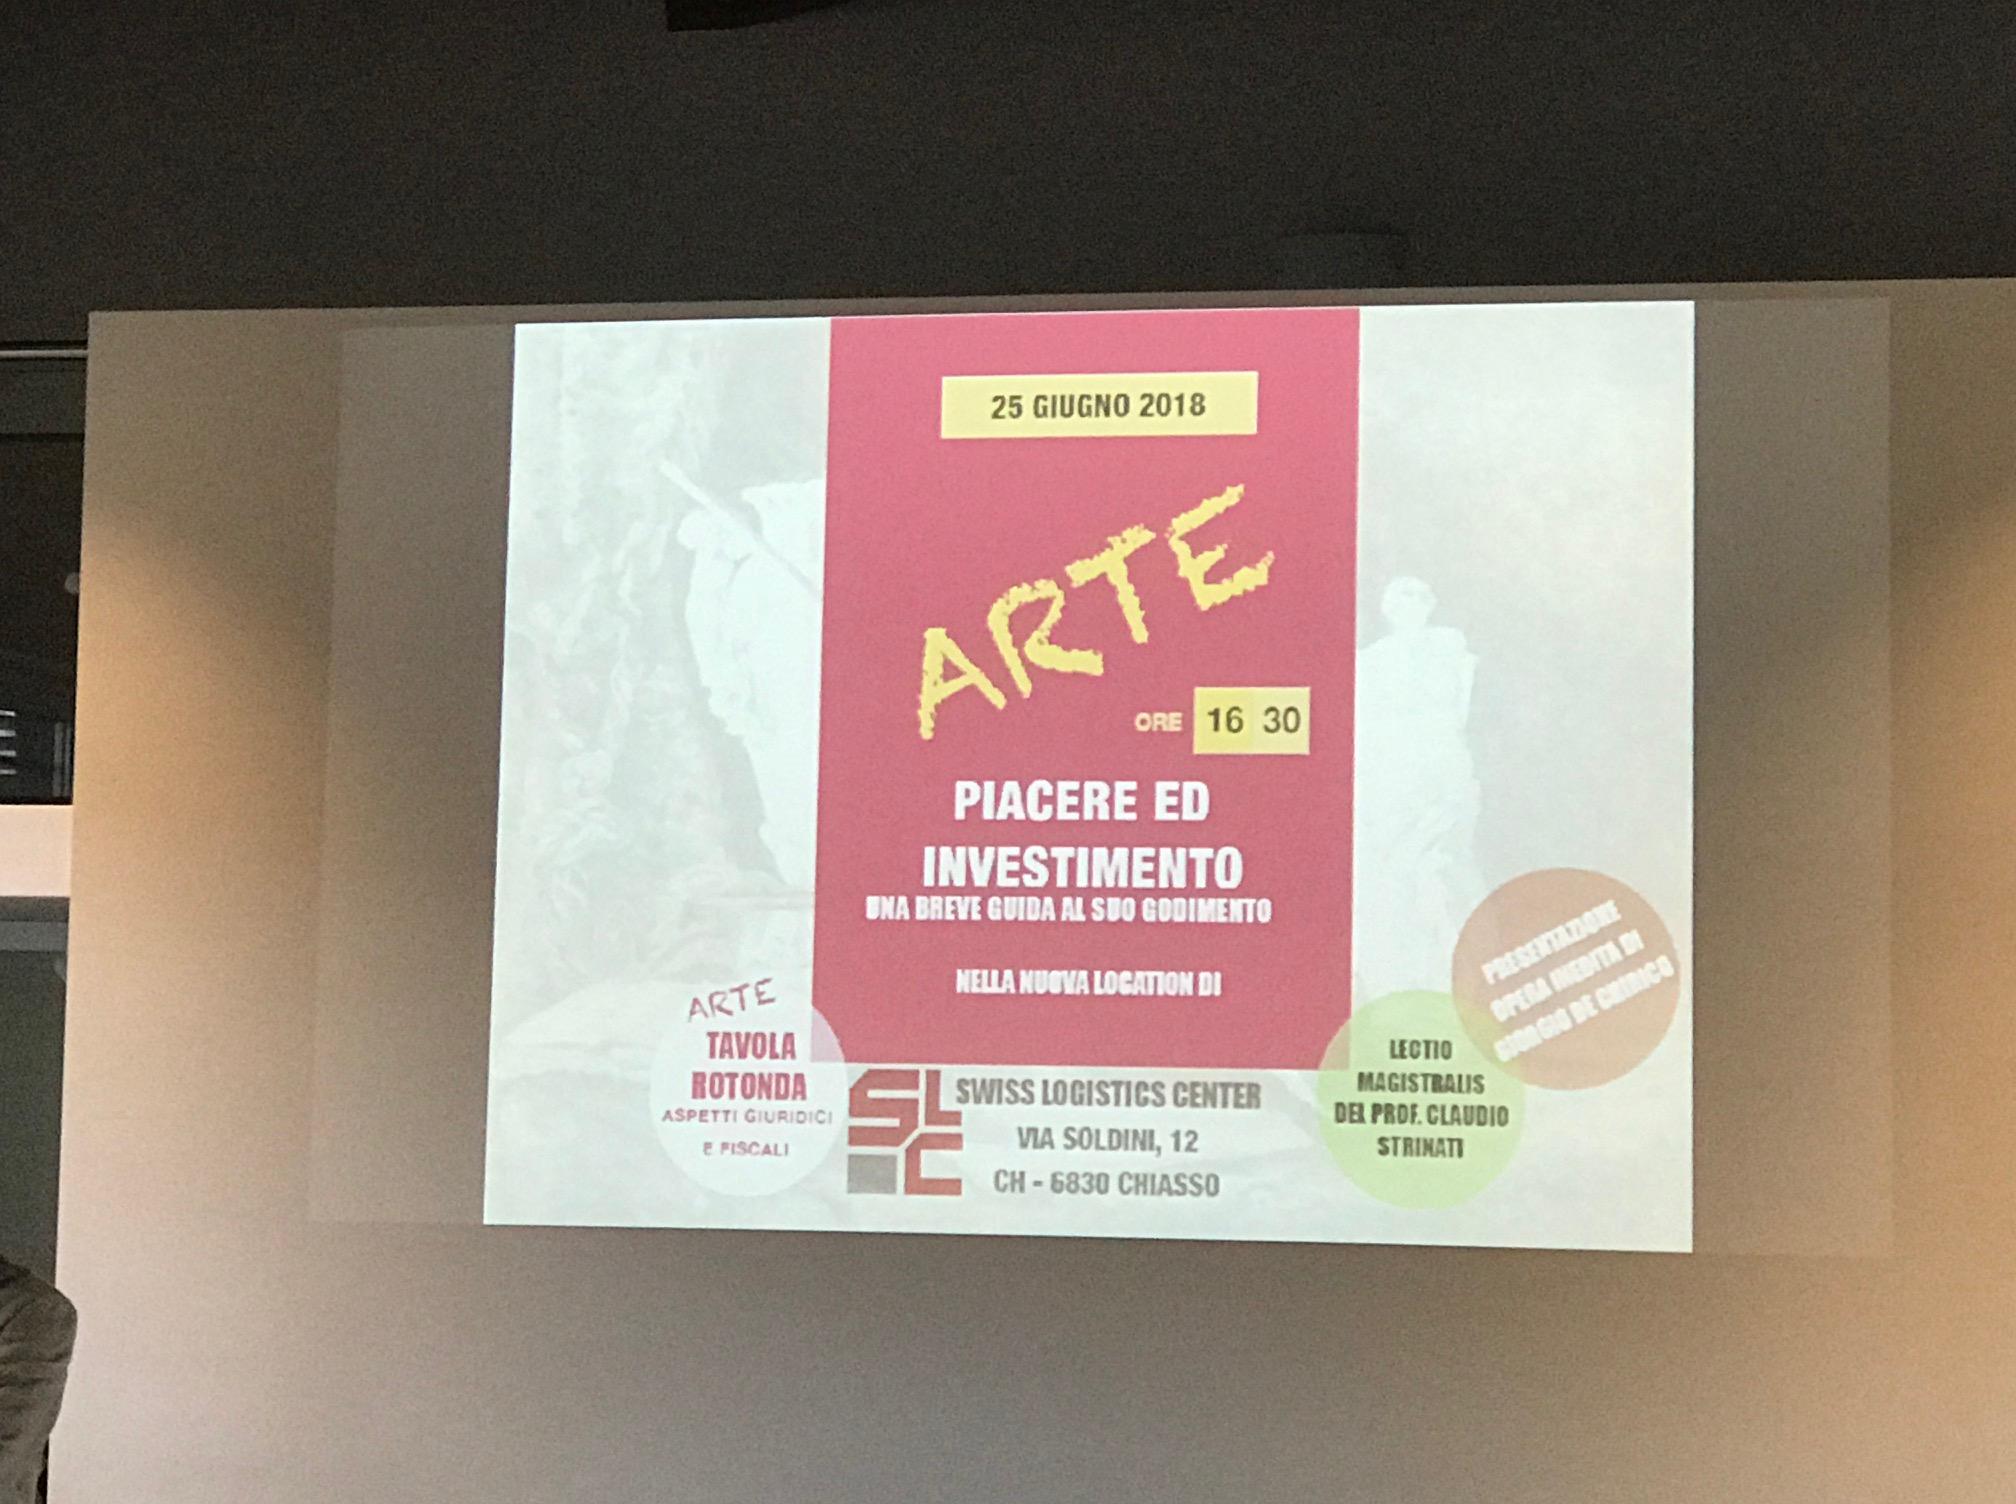 ArtID il certificato digitale per arte sulla blockchain oggi una realta tangibile 2 - ArtID: il certificato digitale per l'arte sulla blockchain oggi è una realtà tangibile